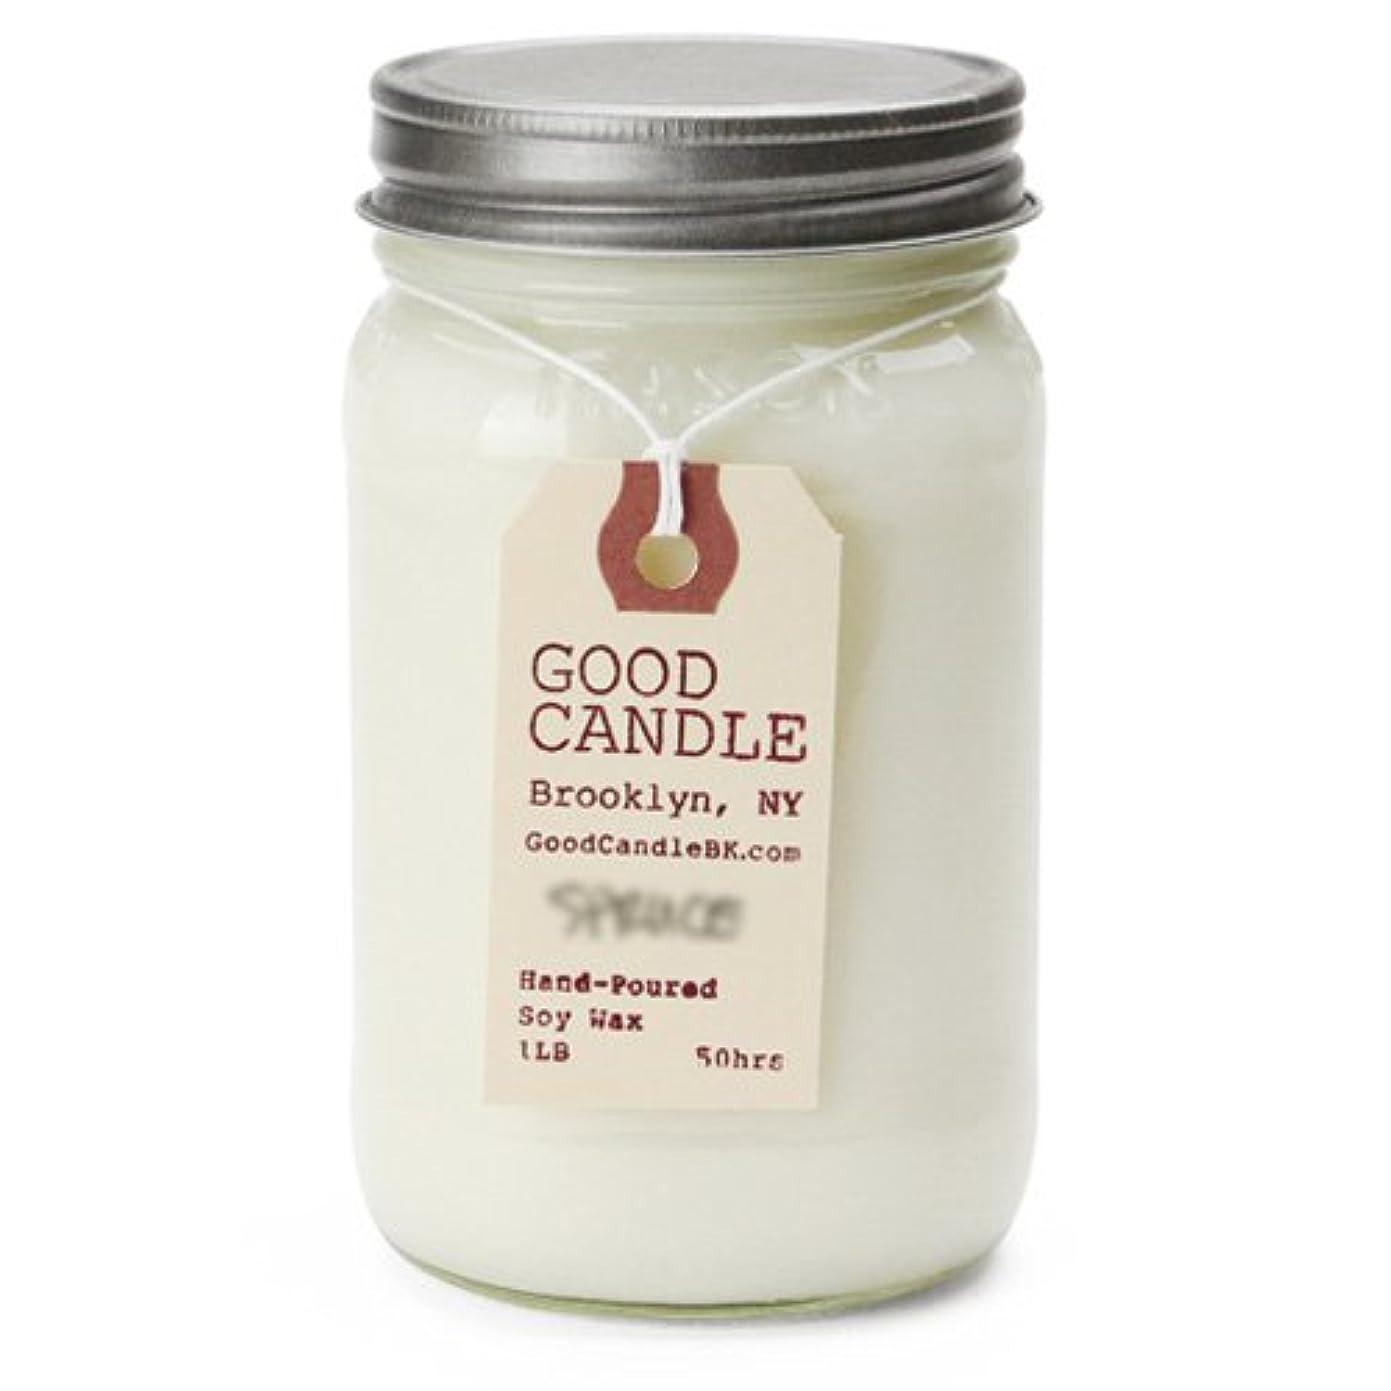 機関始める天のグッドキャンドル 1ポンド メイソンジャー キャンドル Good Candle 1LB Mason jar candle [ Mimosa ] 正規品